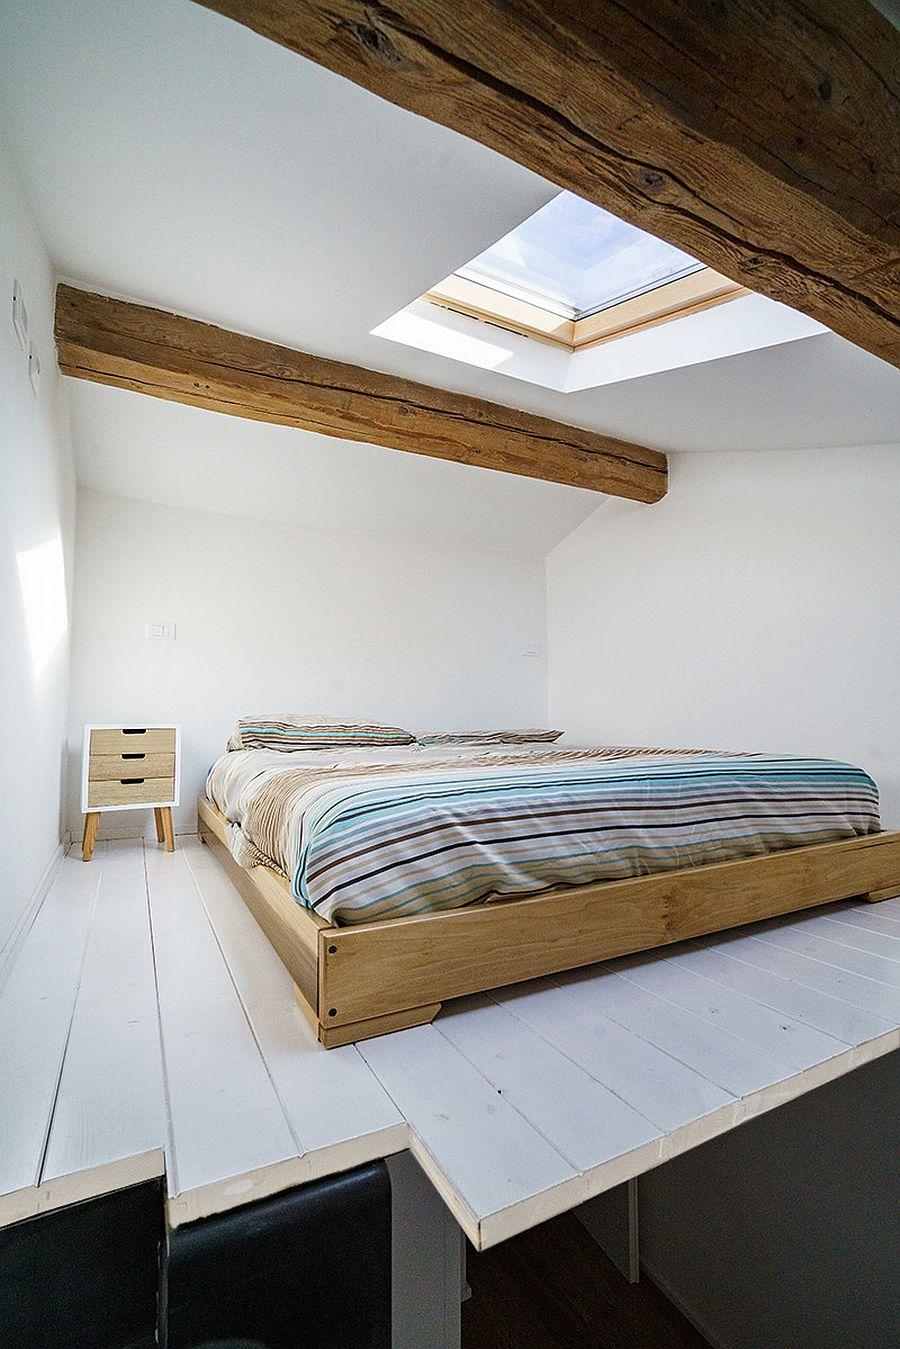 Giếng trời mang ánh sáng tự nhiên vào phòng ngủ công nghiệp nhỏ trên gác mái màu trắng.